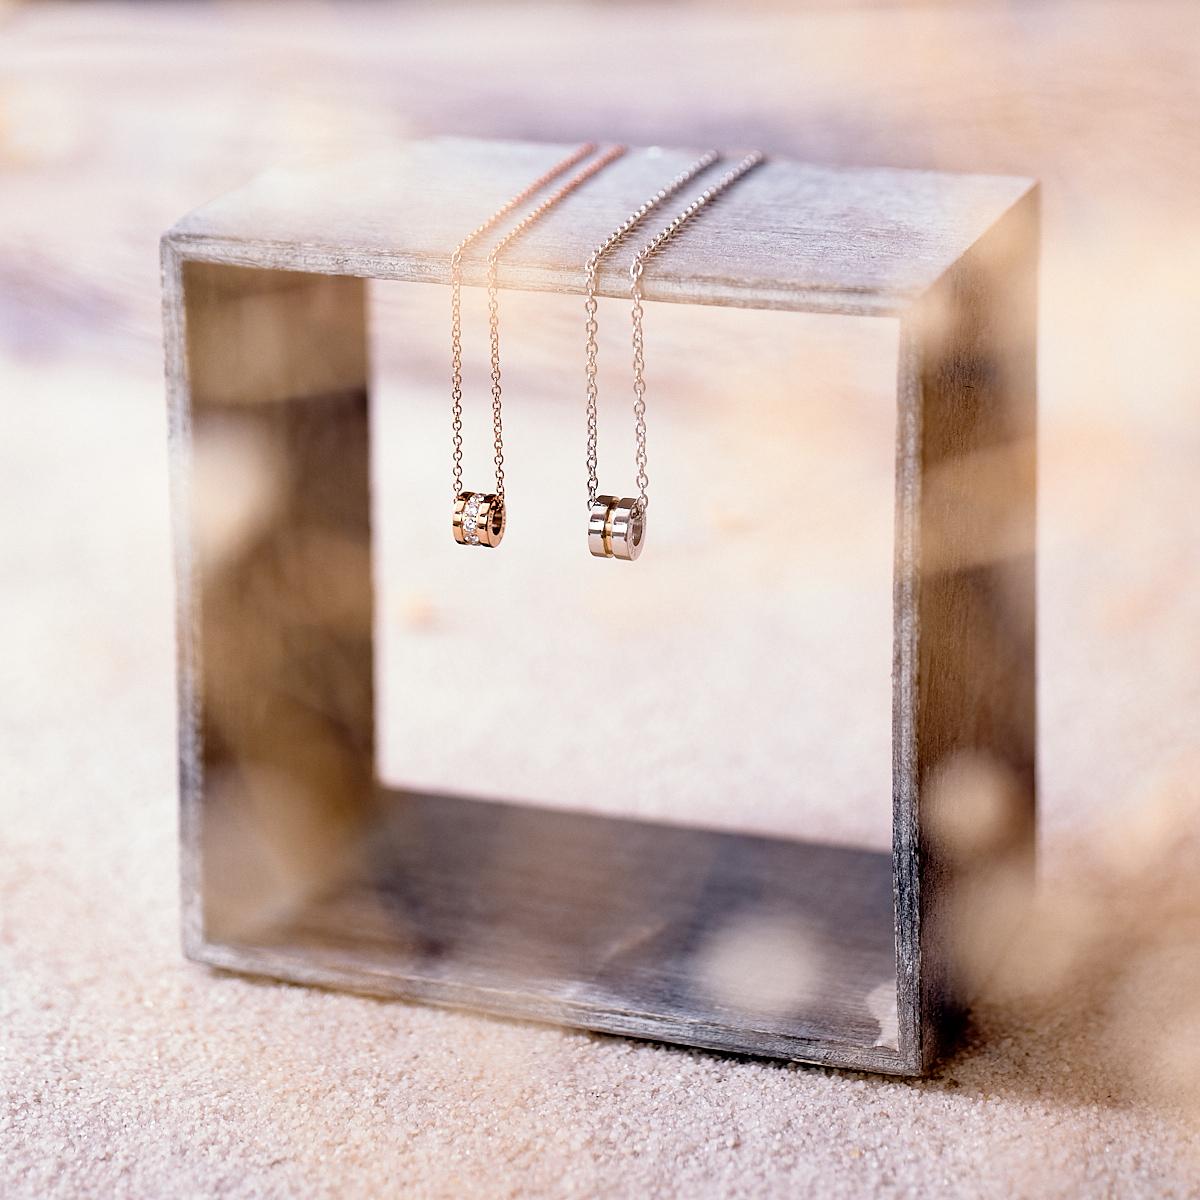 Lauss 小さめサイズにこだわった サークル・ライト ペアネックレス opp00051 (長方形パッケージ)conpact